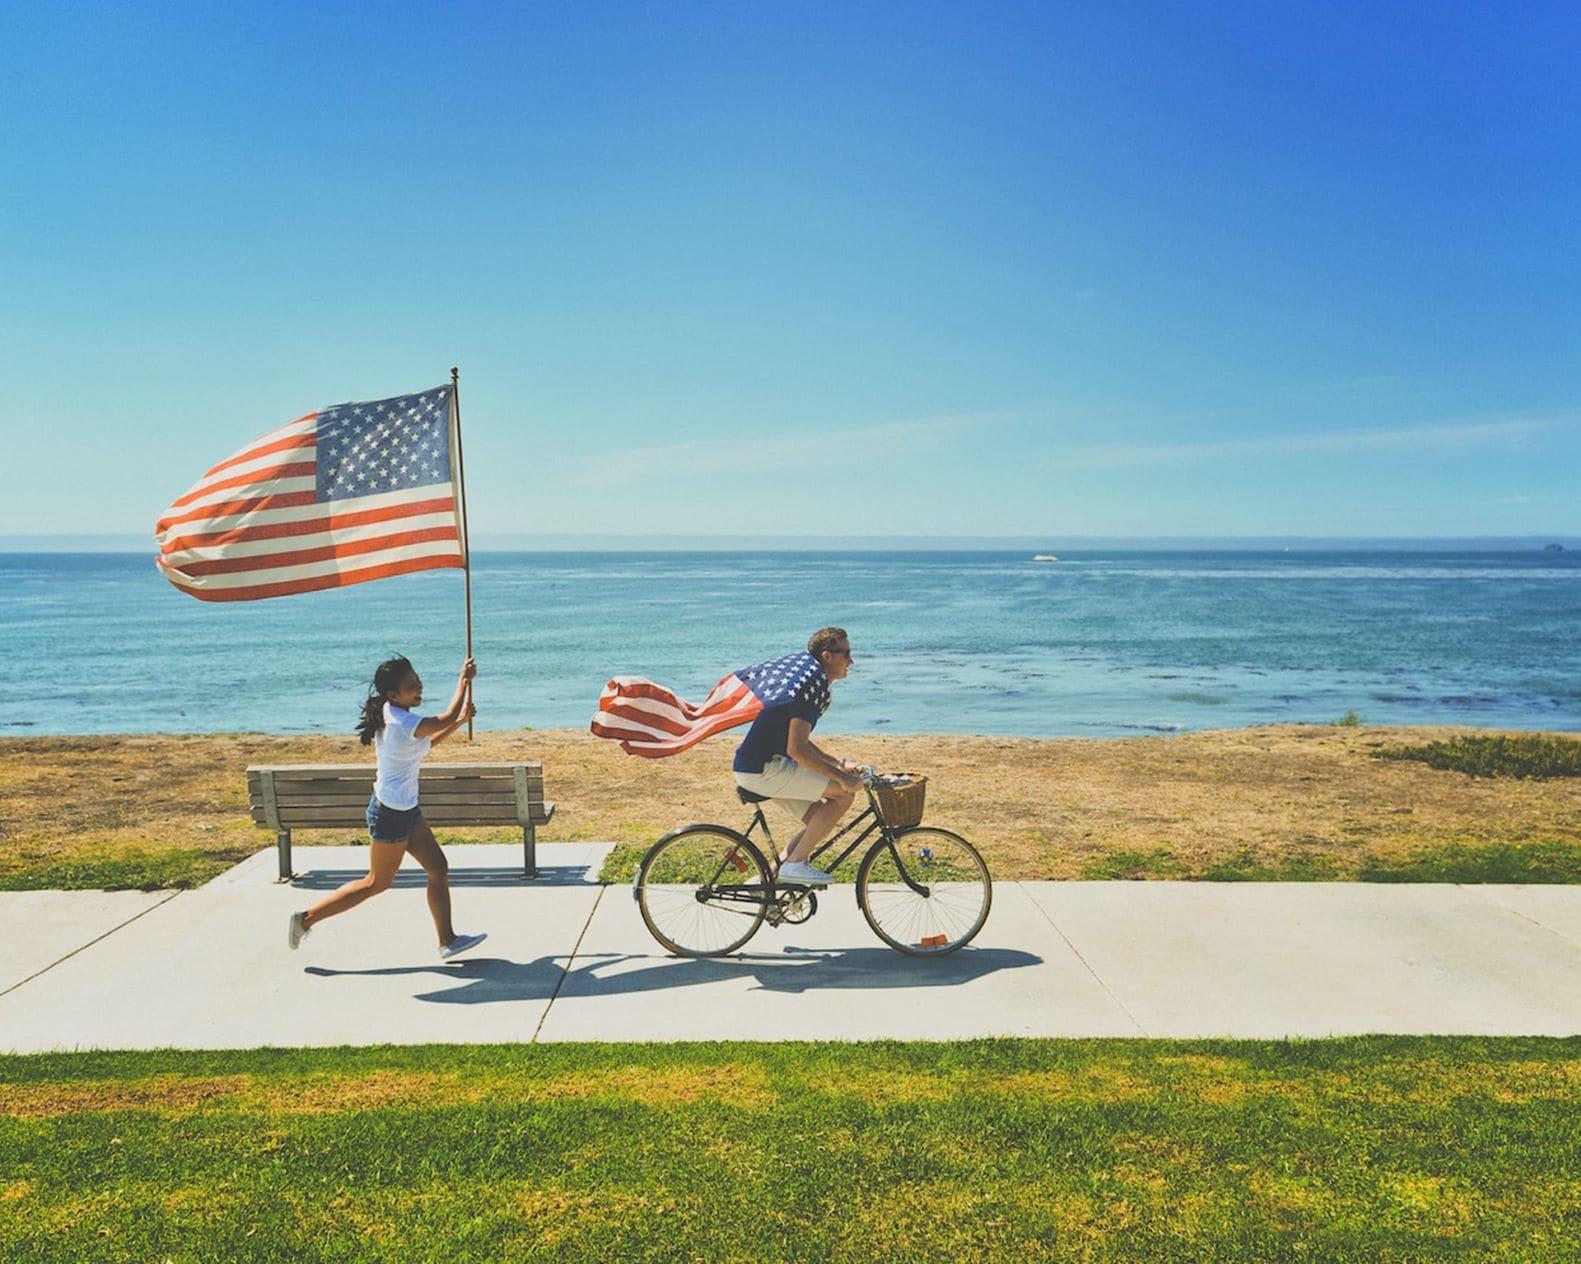 Junge und Mädchen mit USA-Flaggen am Meer